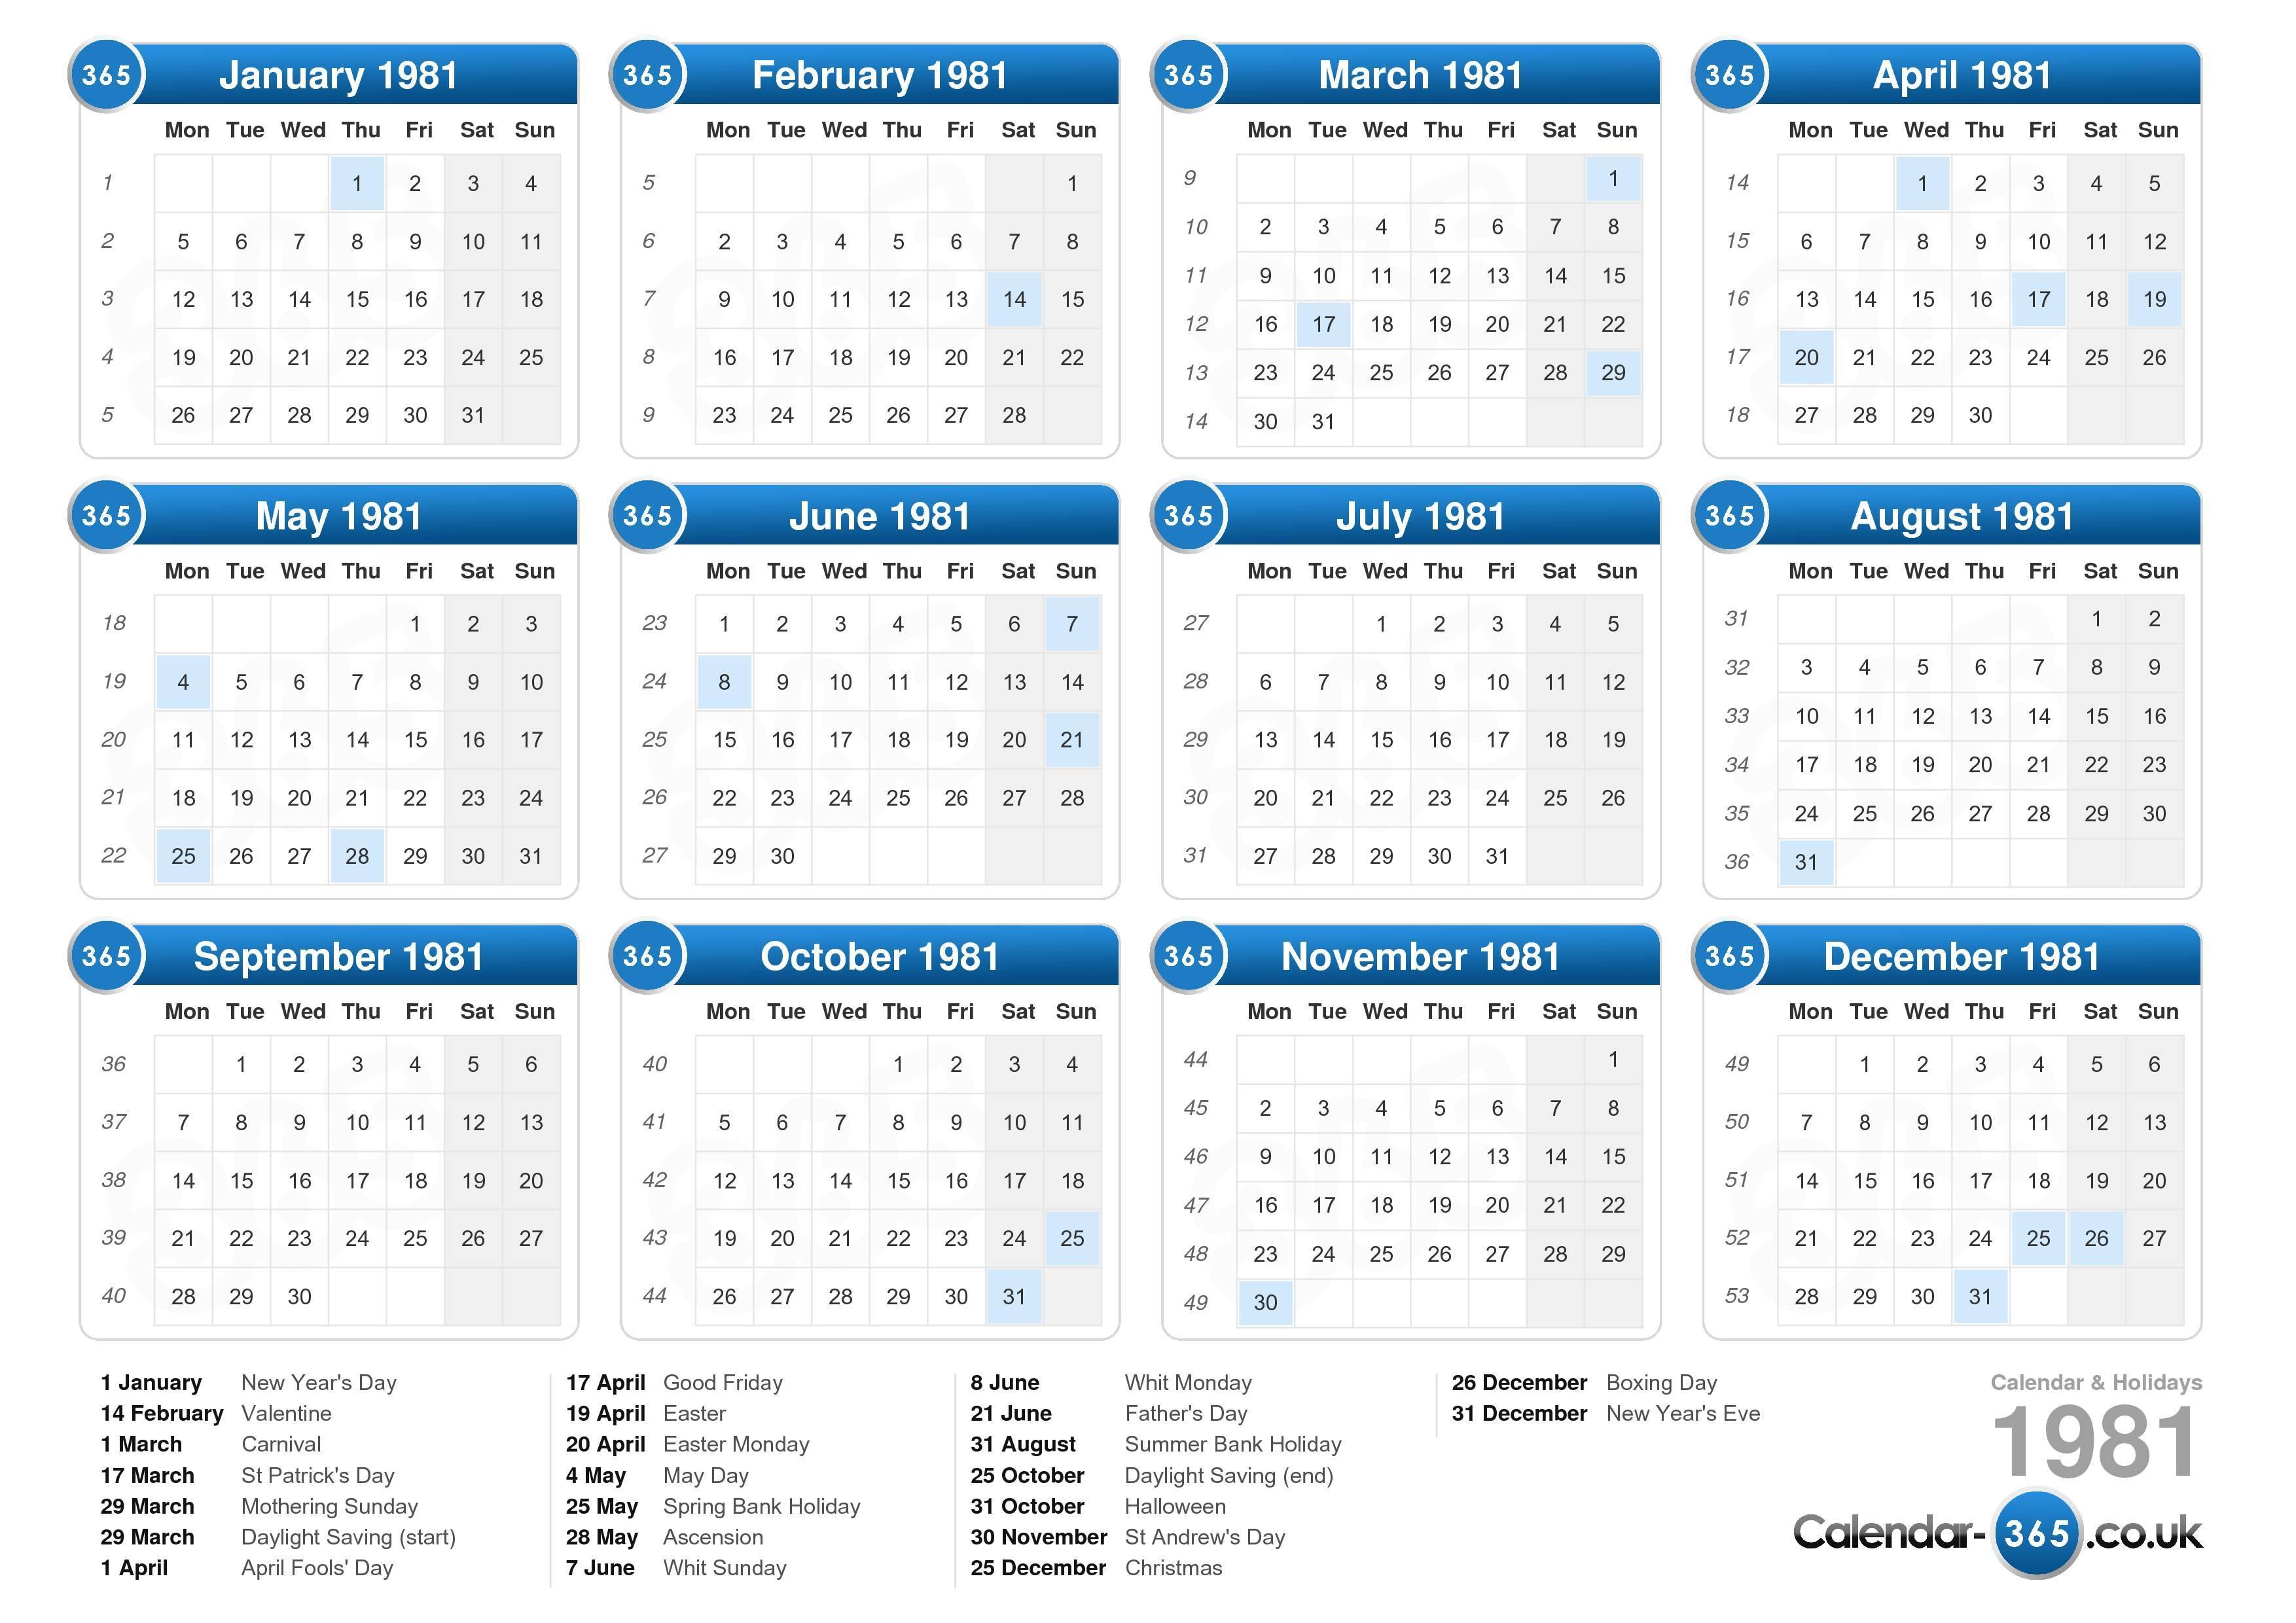 Calendar August 1981